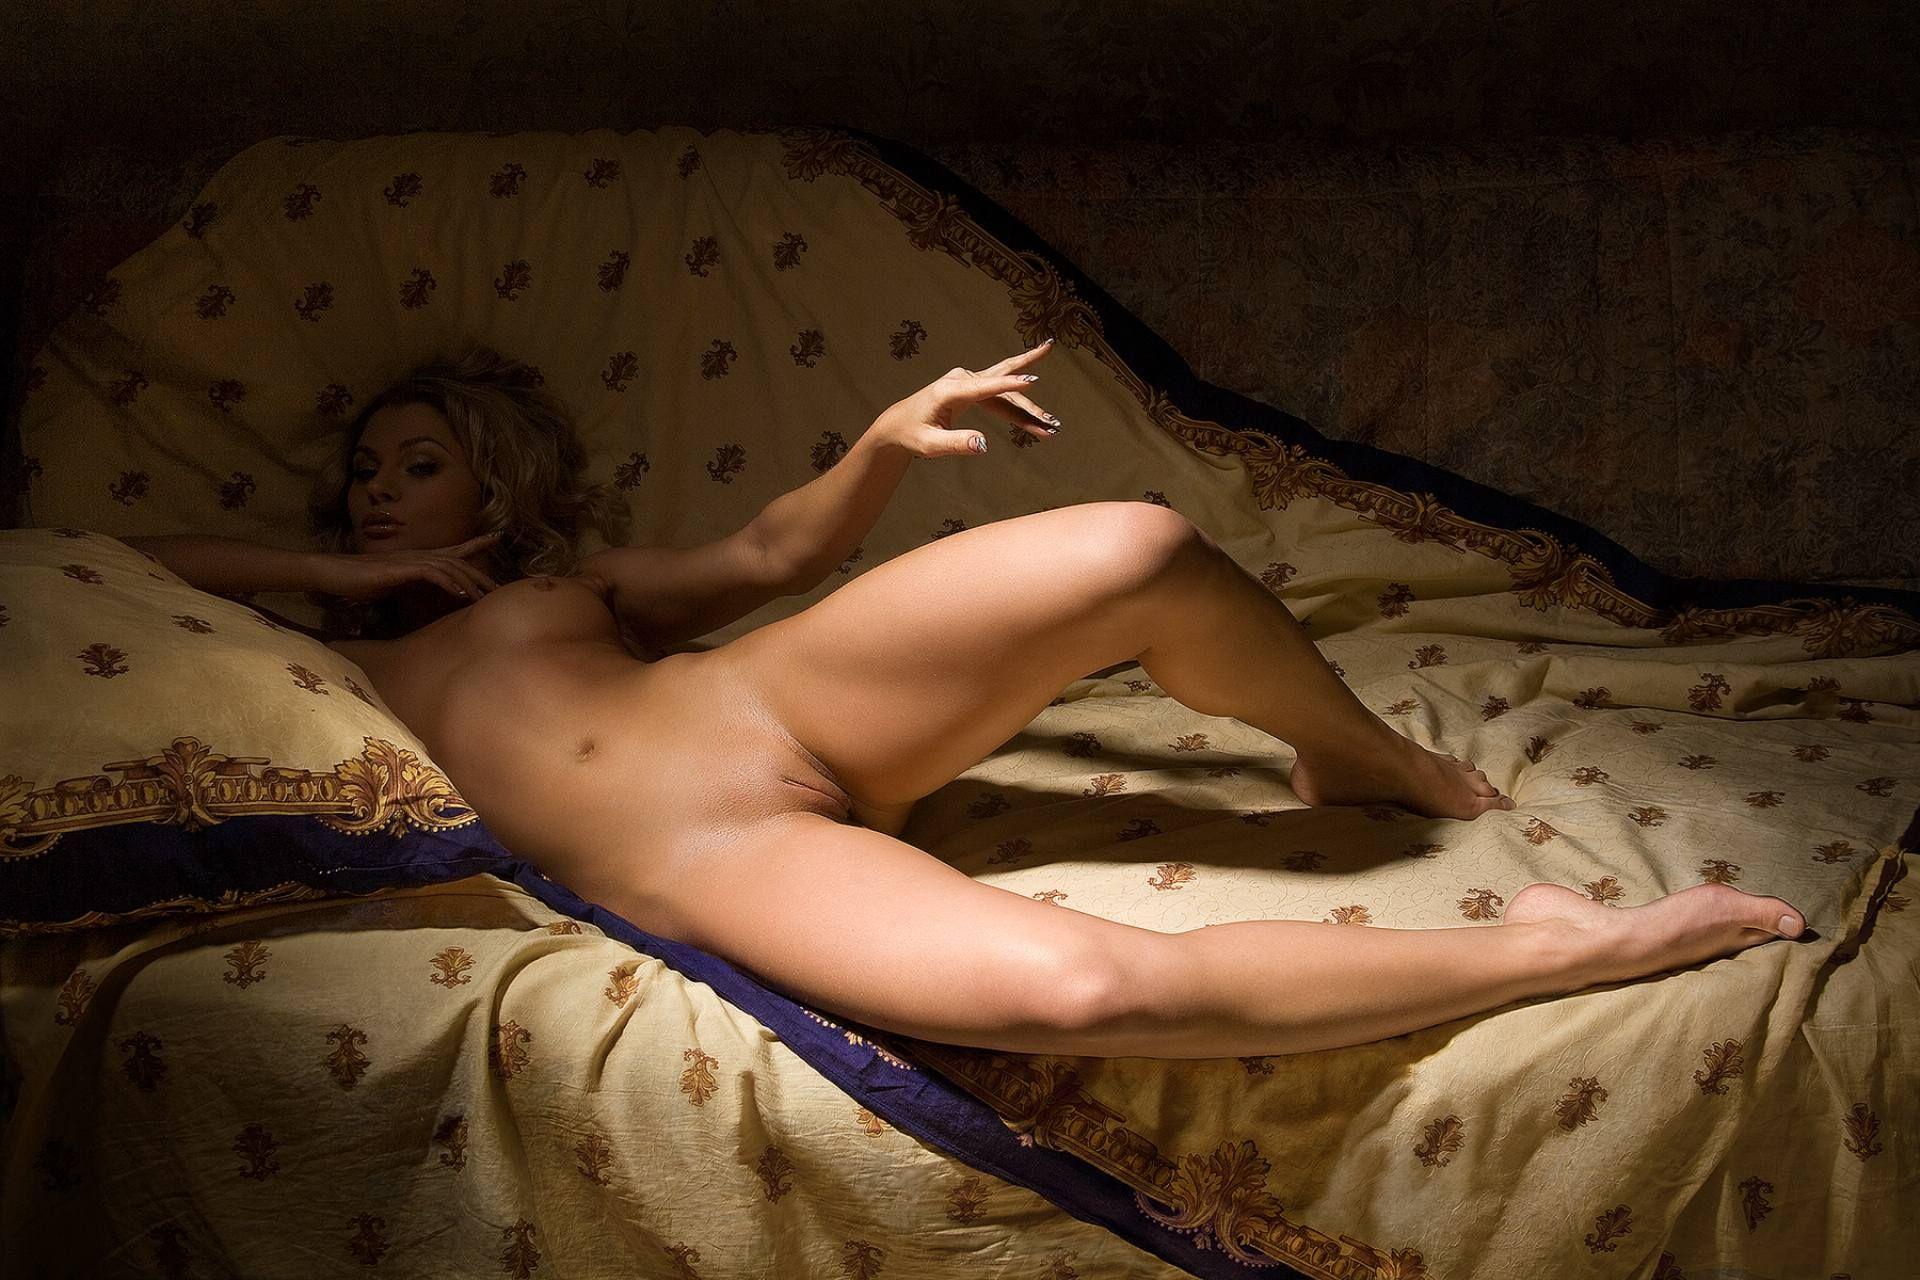 orissa aunty naken